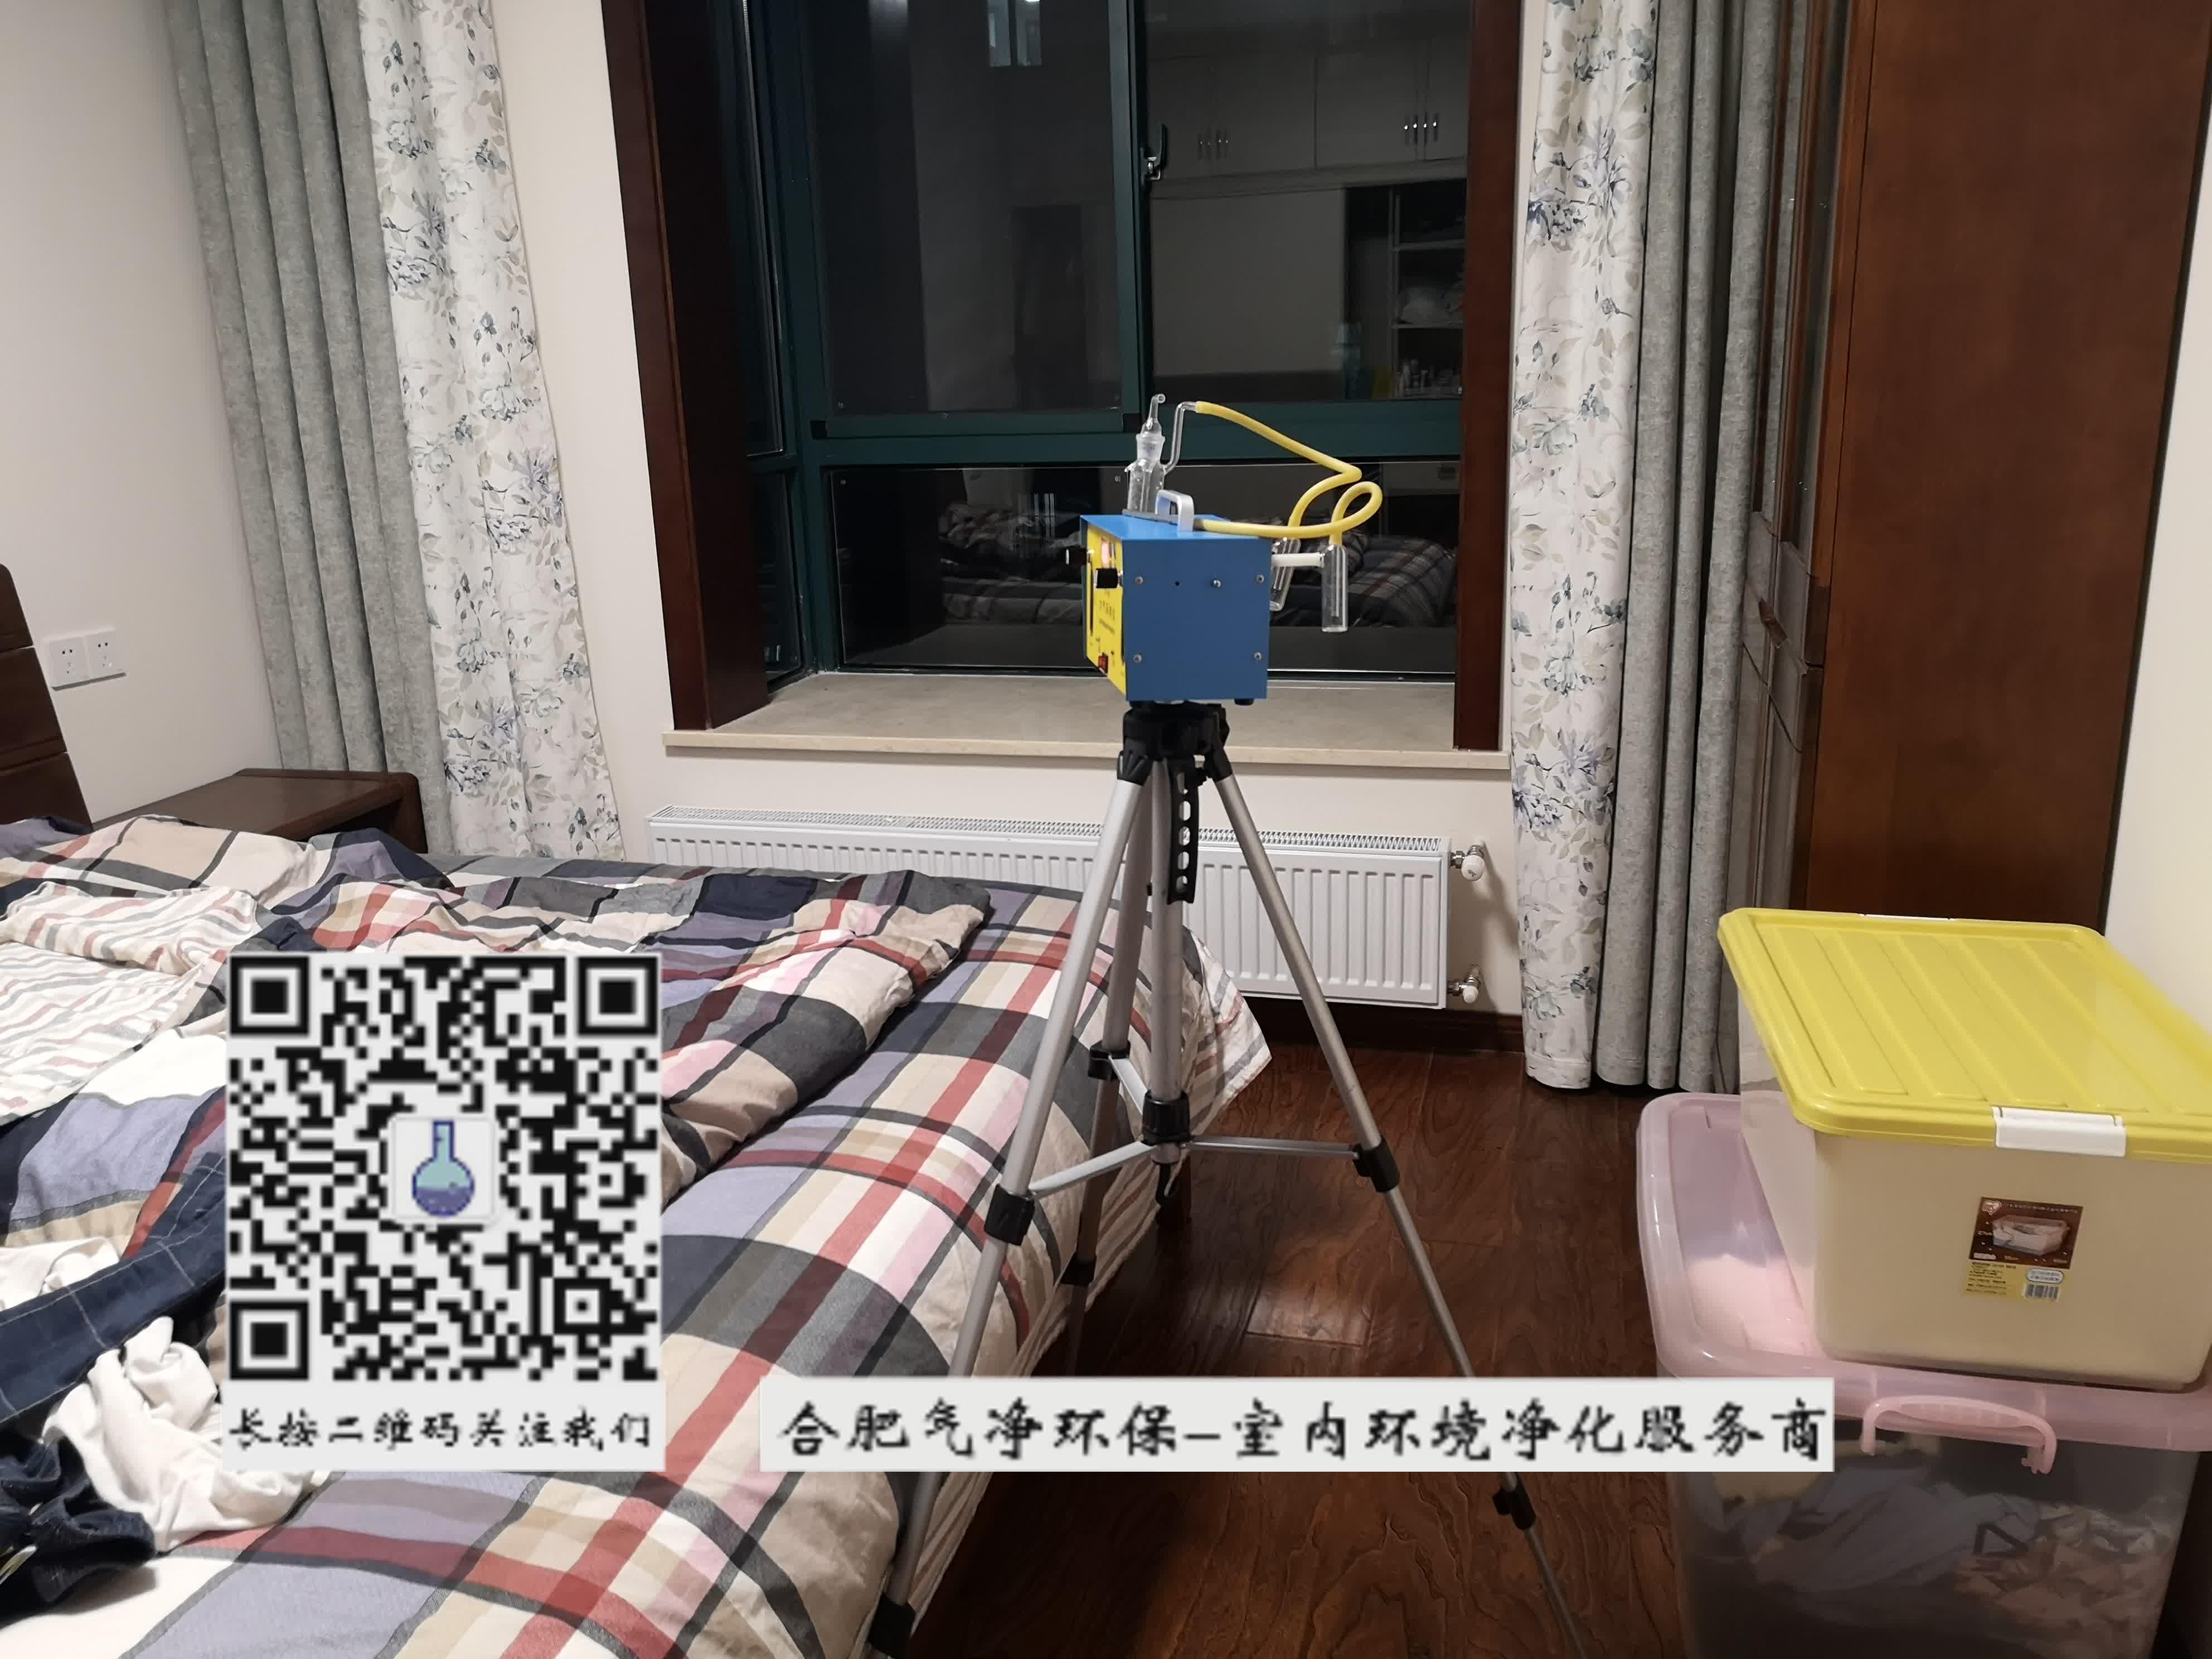 水印图片by水印王_20181009-103219942